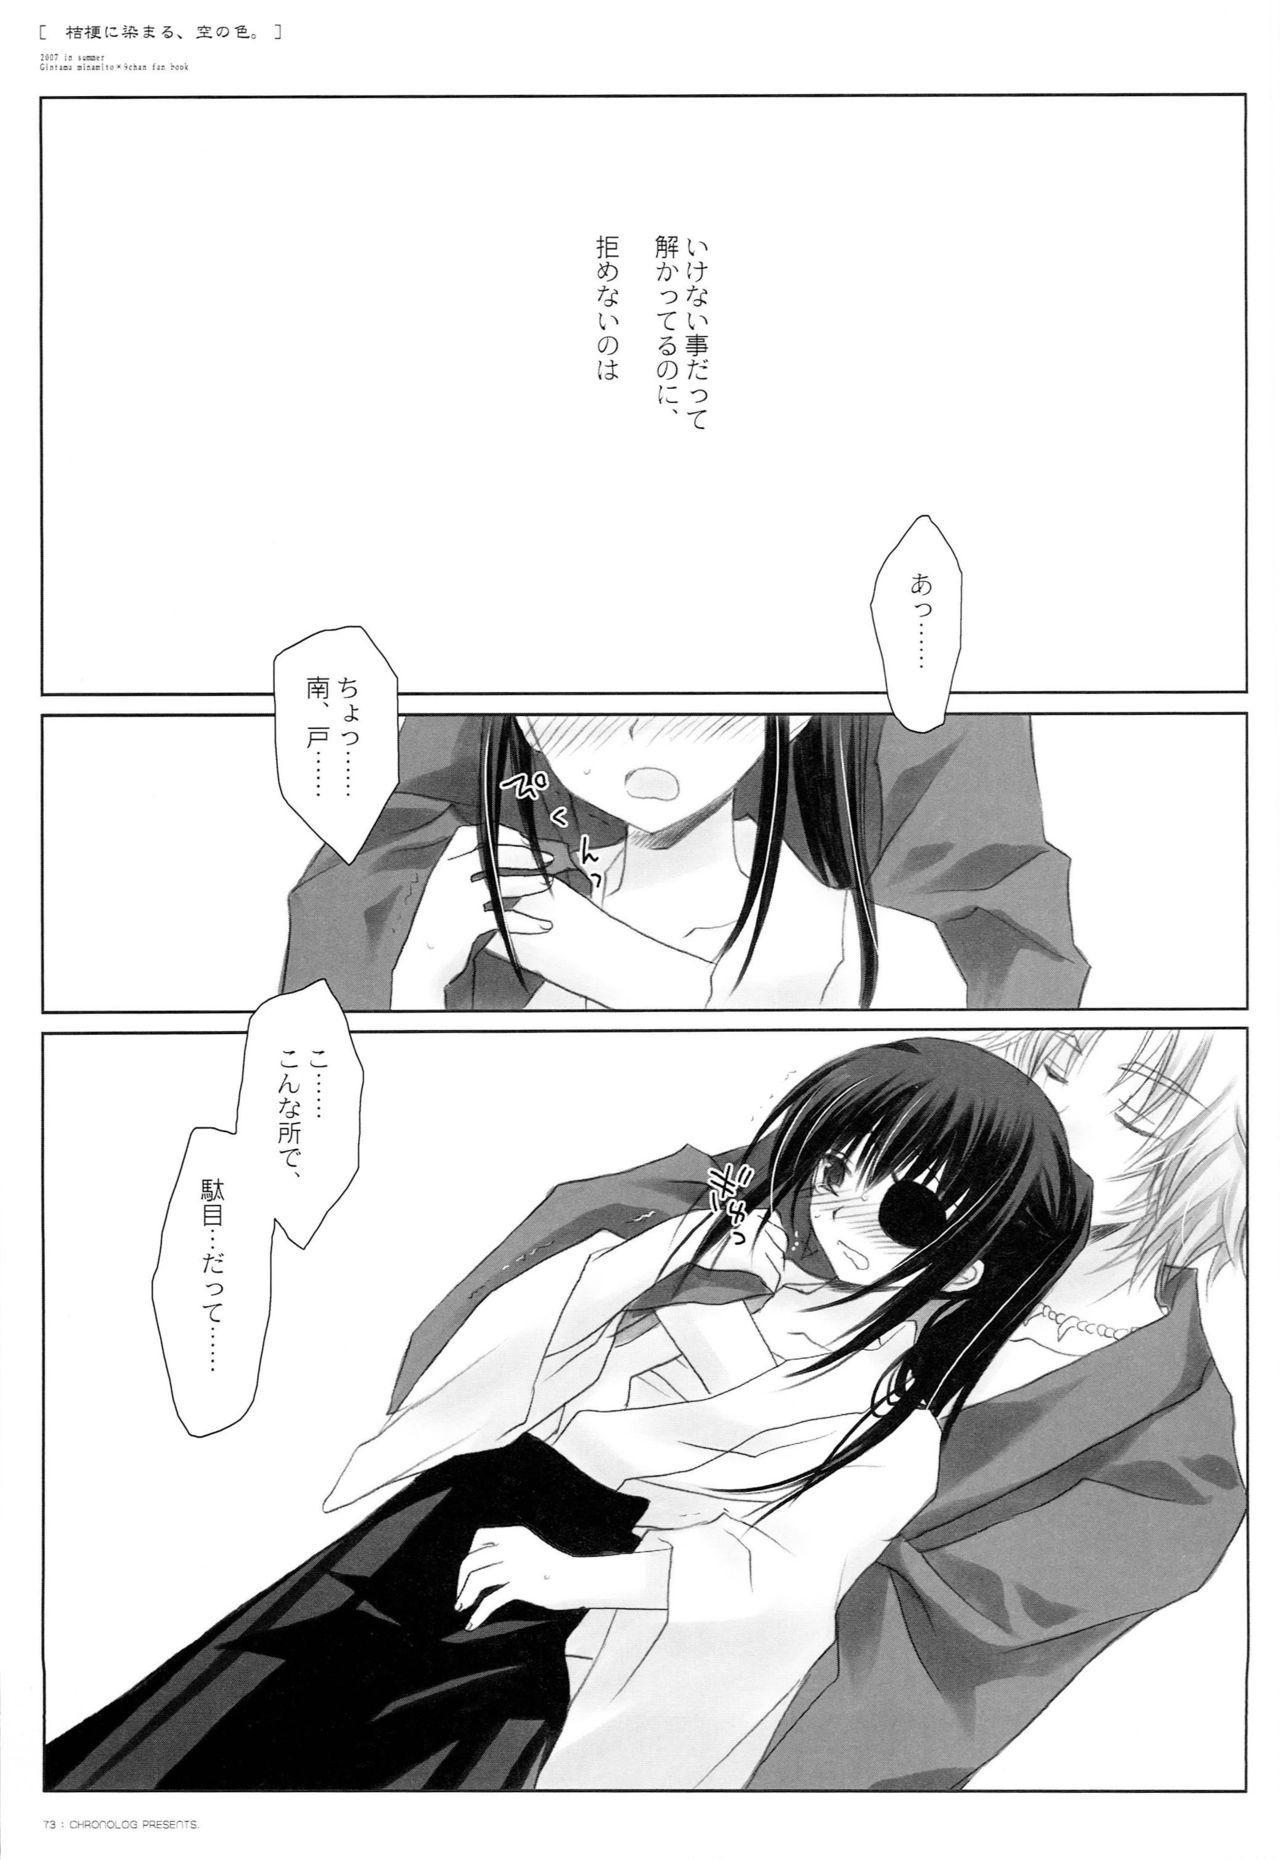 Kikyou ni Somaru Sora no Iro 71